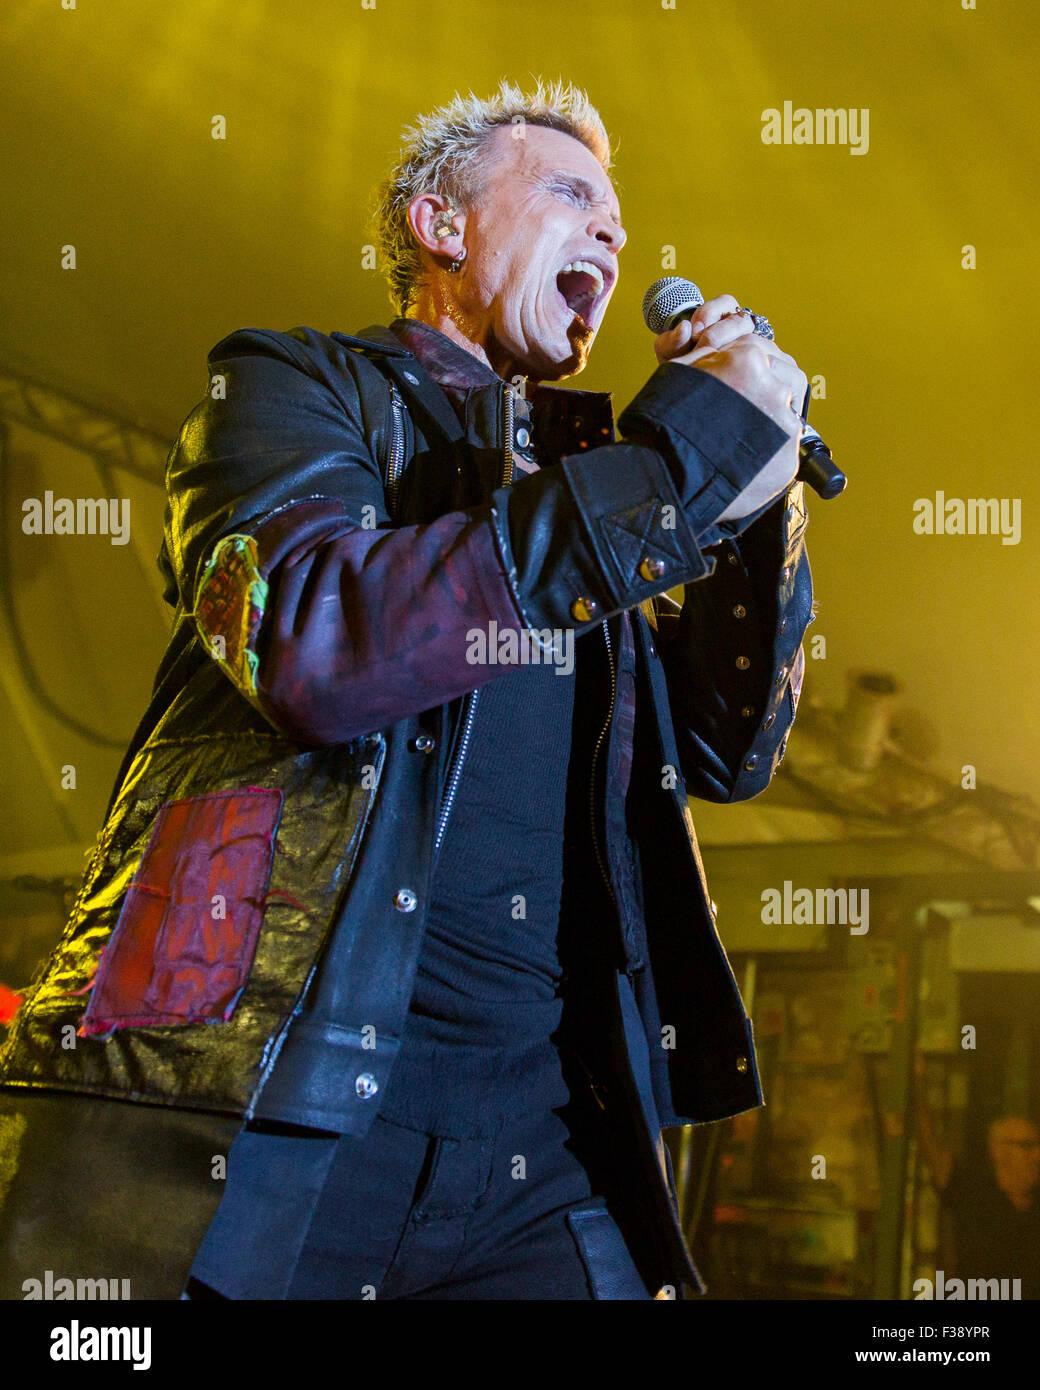 Billy Idol Live Austin City Stockfotos & Billy Idol Live Austin City ...